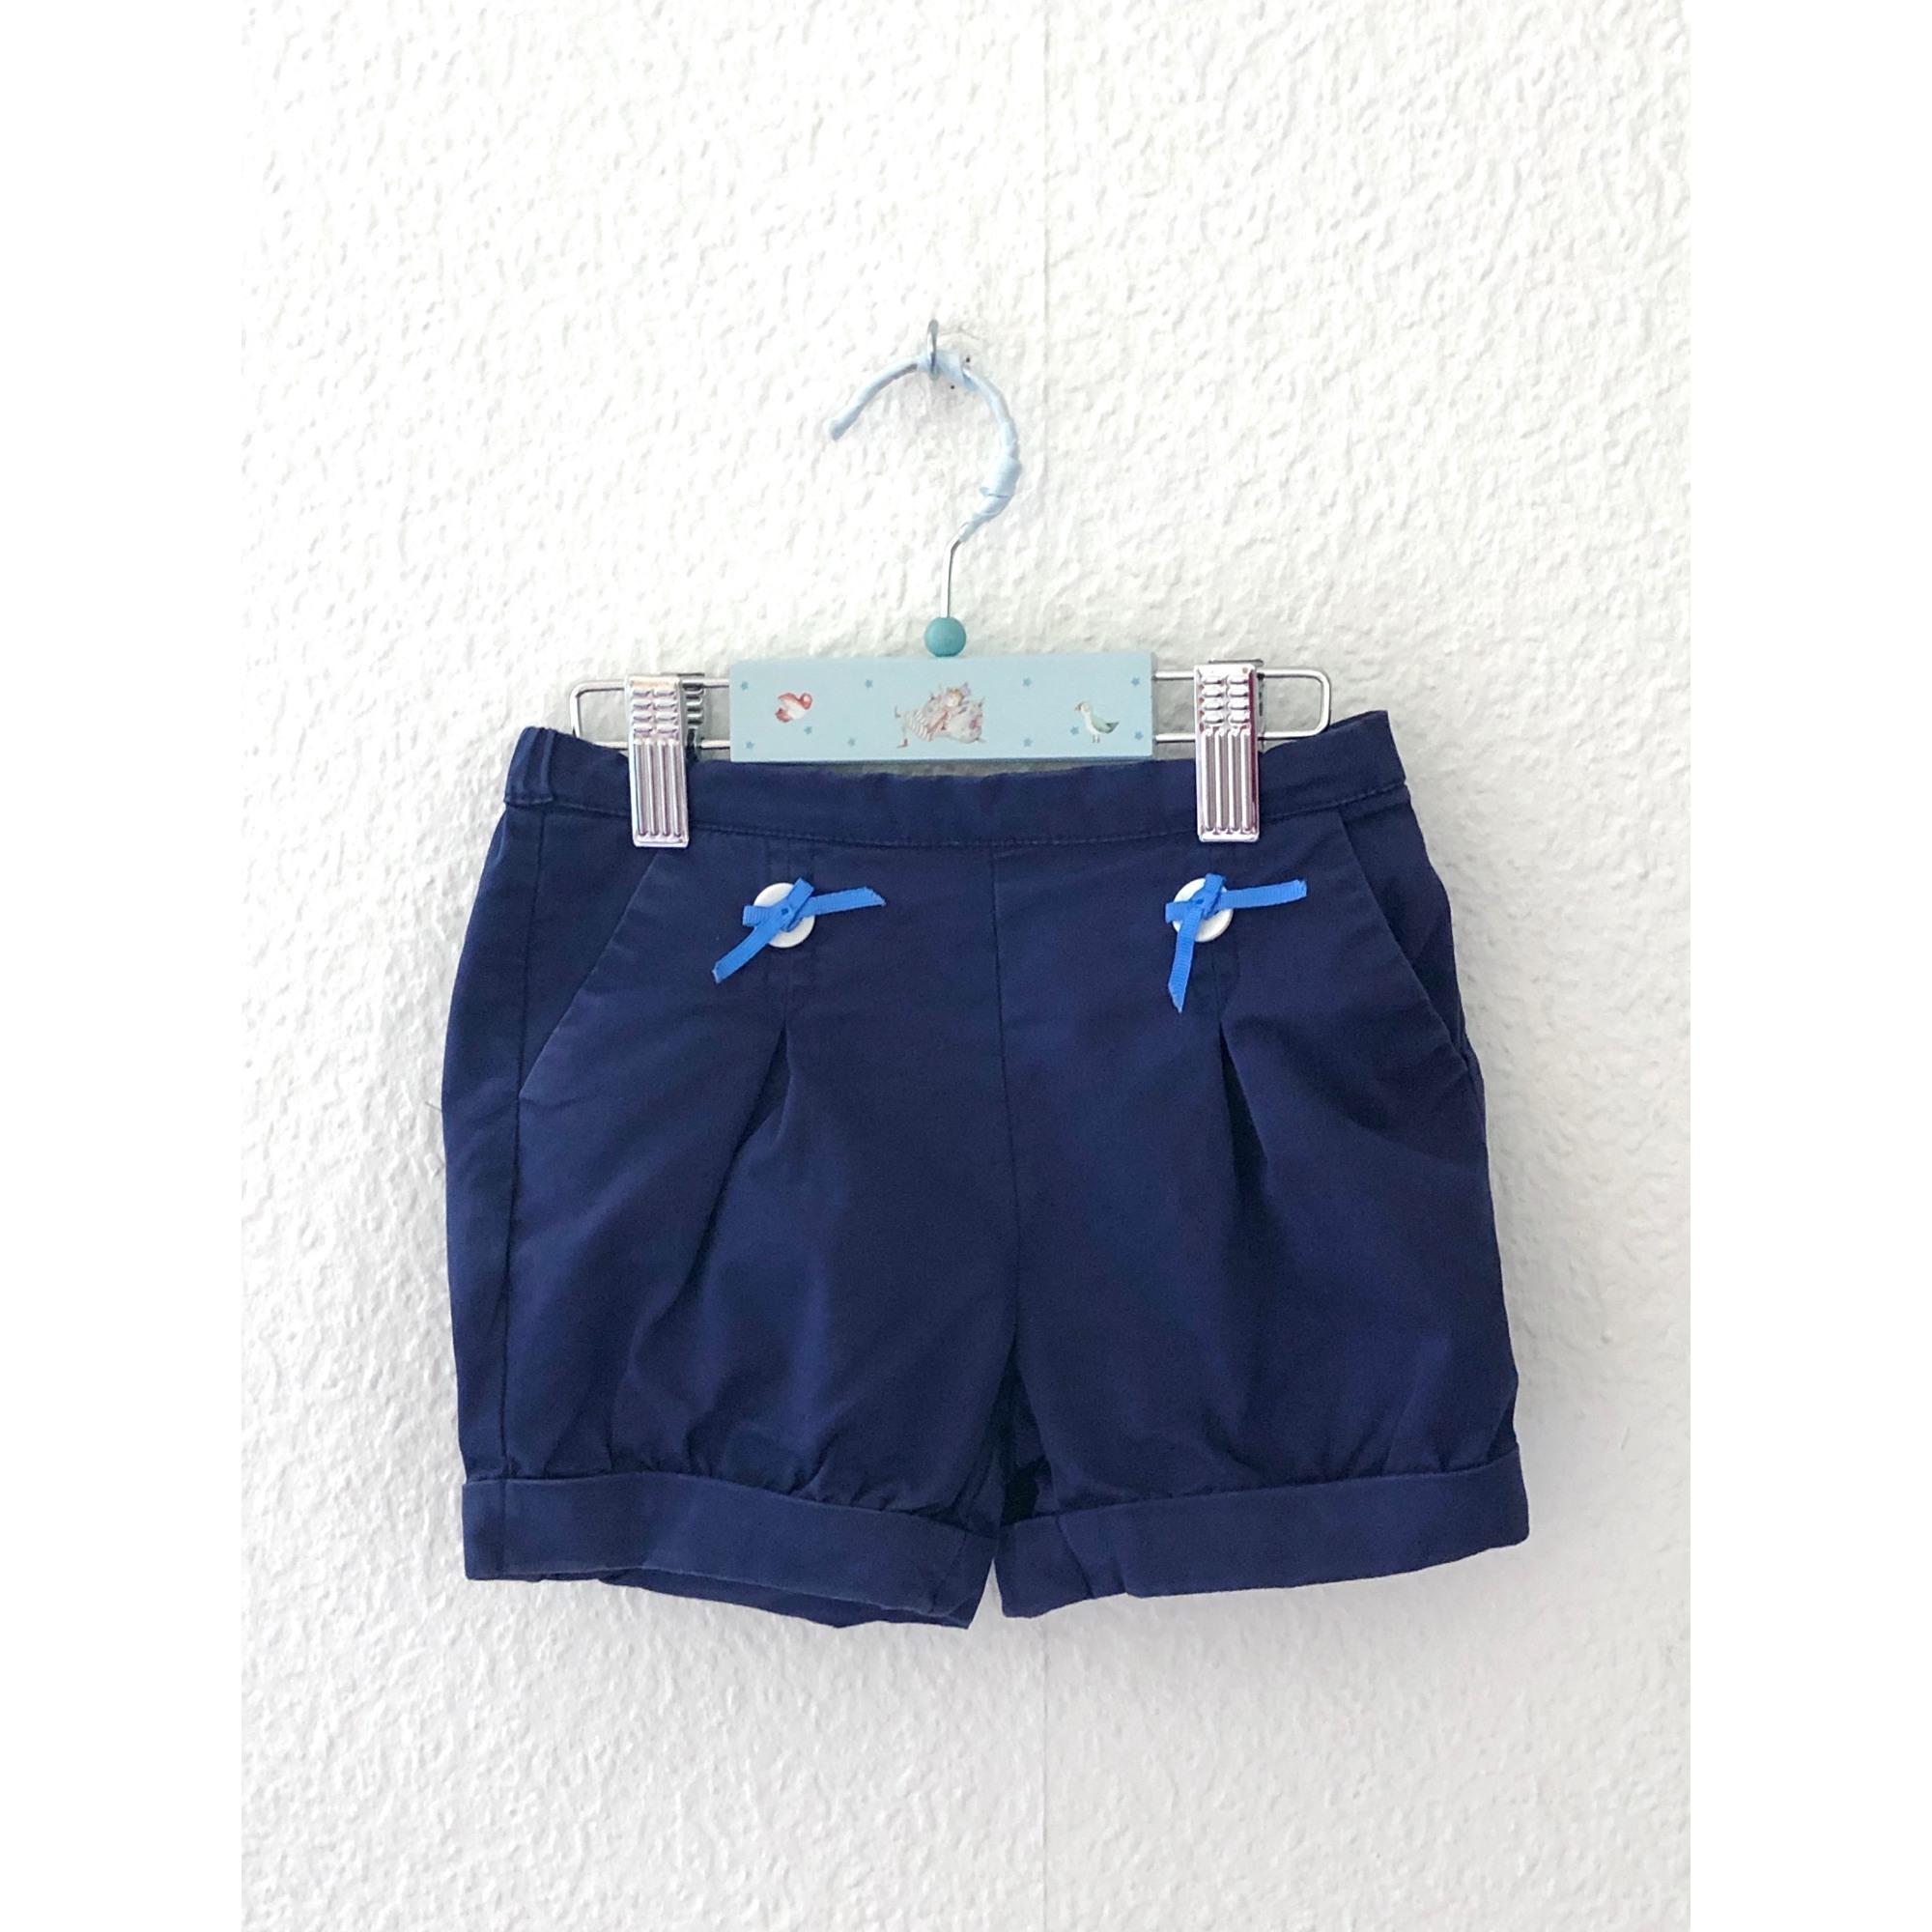 Shorts JACADI Blue, navy, turquoise